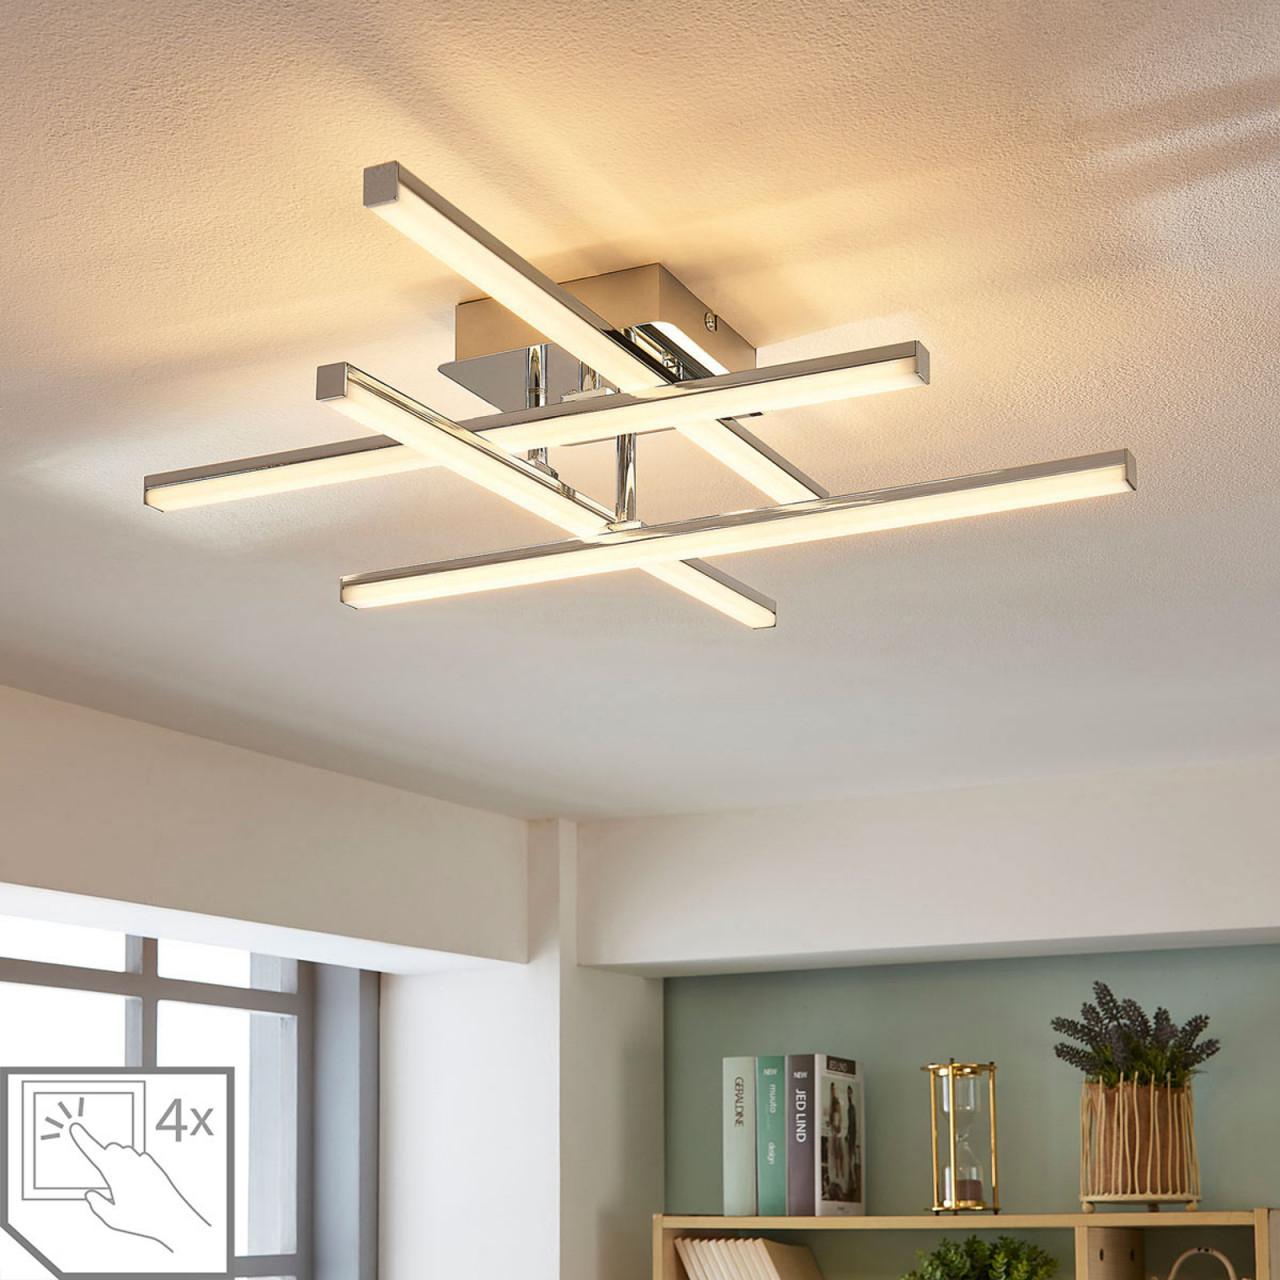 Möbel  Wohnaccessoires Küche Haushalt  Wohnen Für von Led Deckenleuchte Wohnzimmer Modern Photo